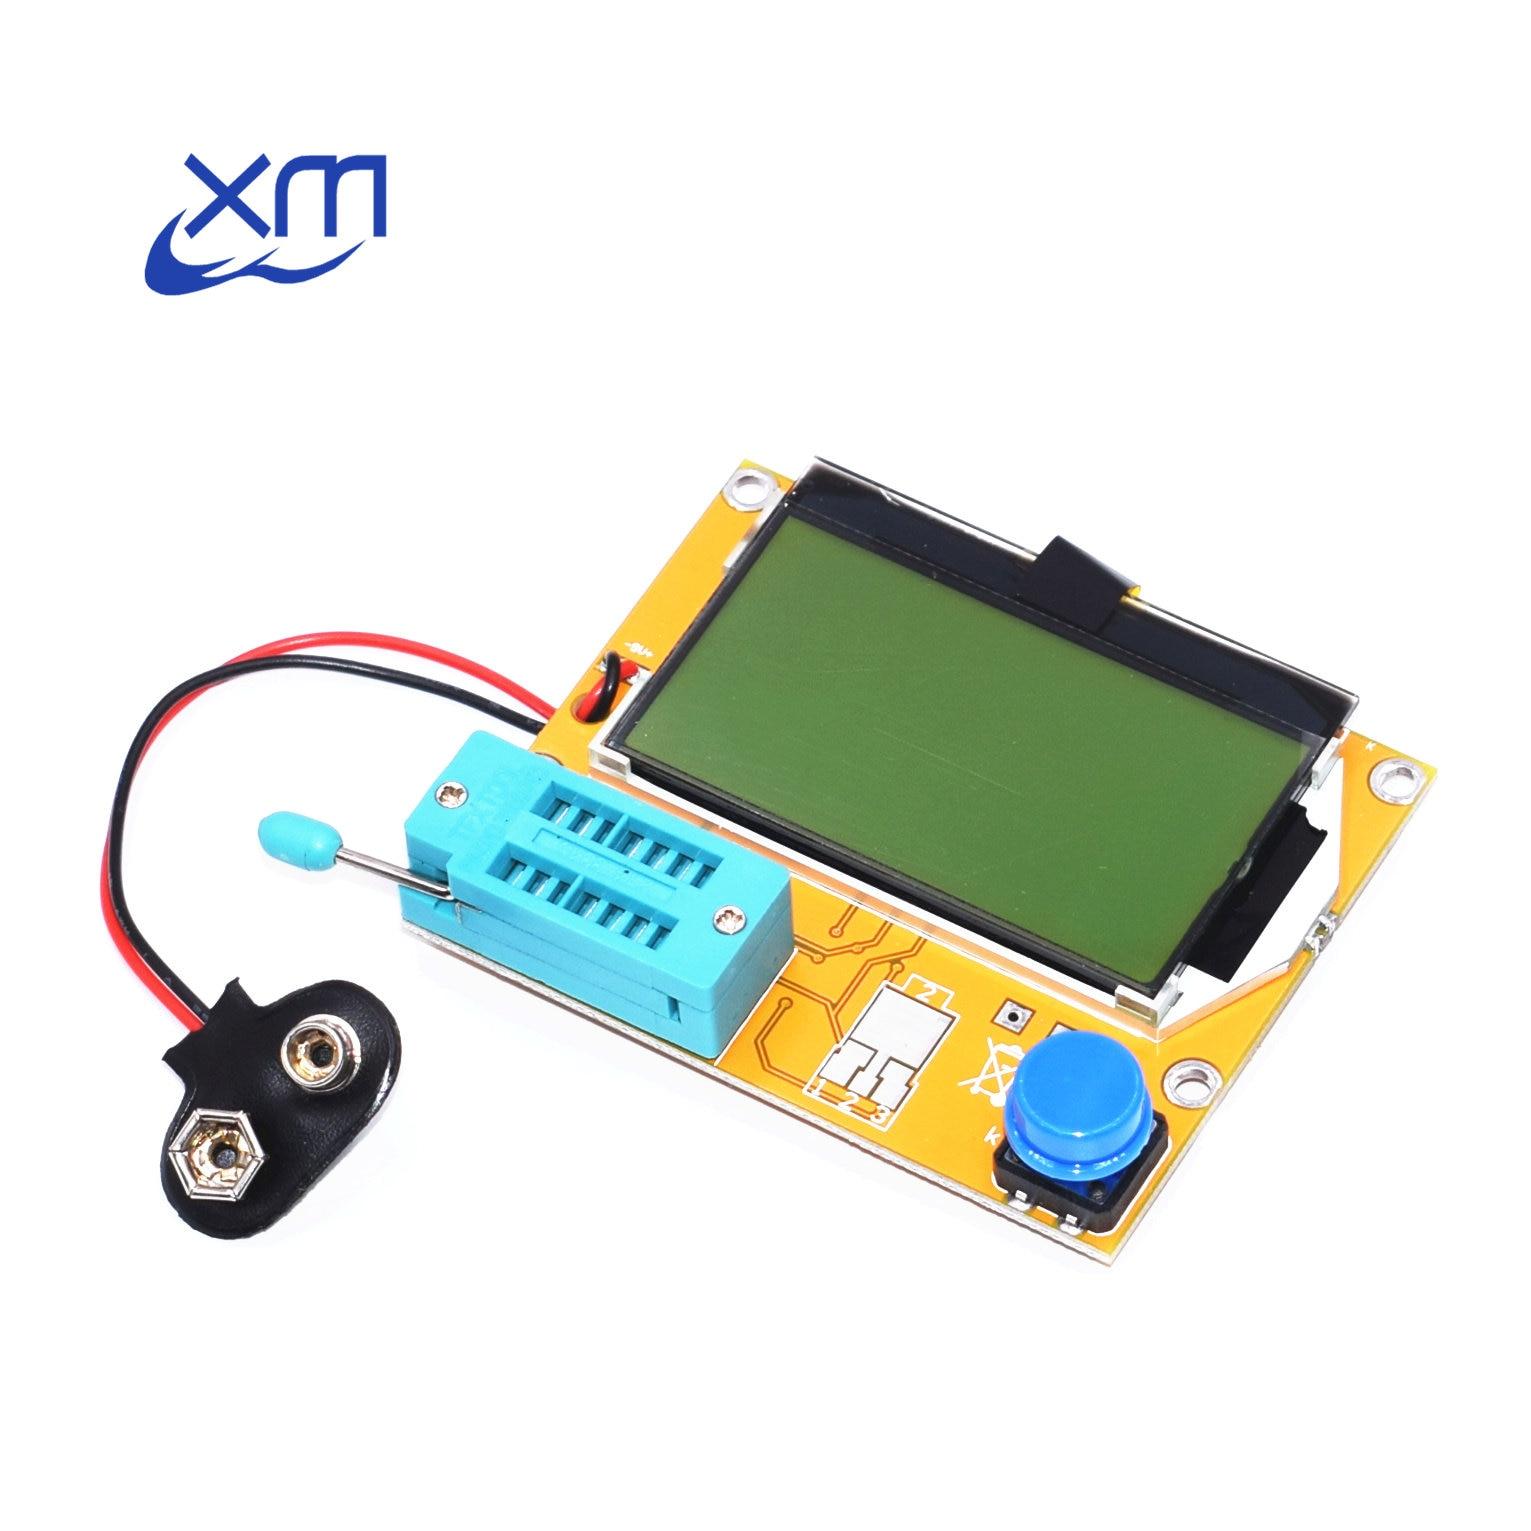 10pcs LCR T4 12846 LCD M328 Digital Transistor Tester Meter Backlight Diode Triode Capacitance ESR Meter